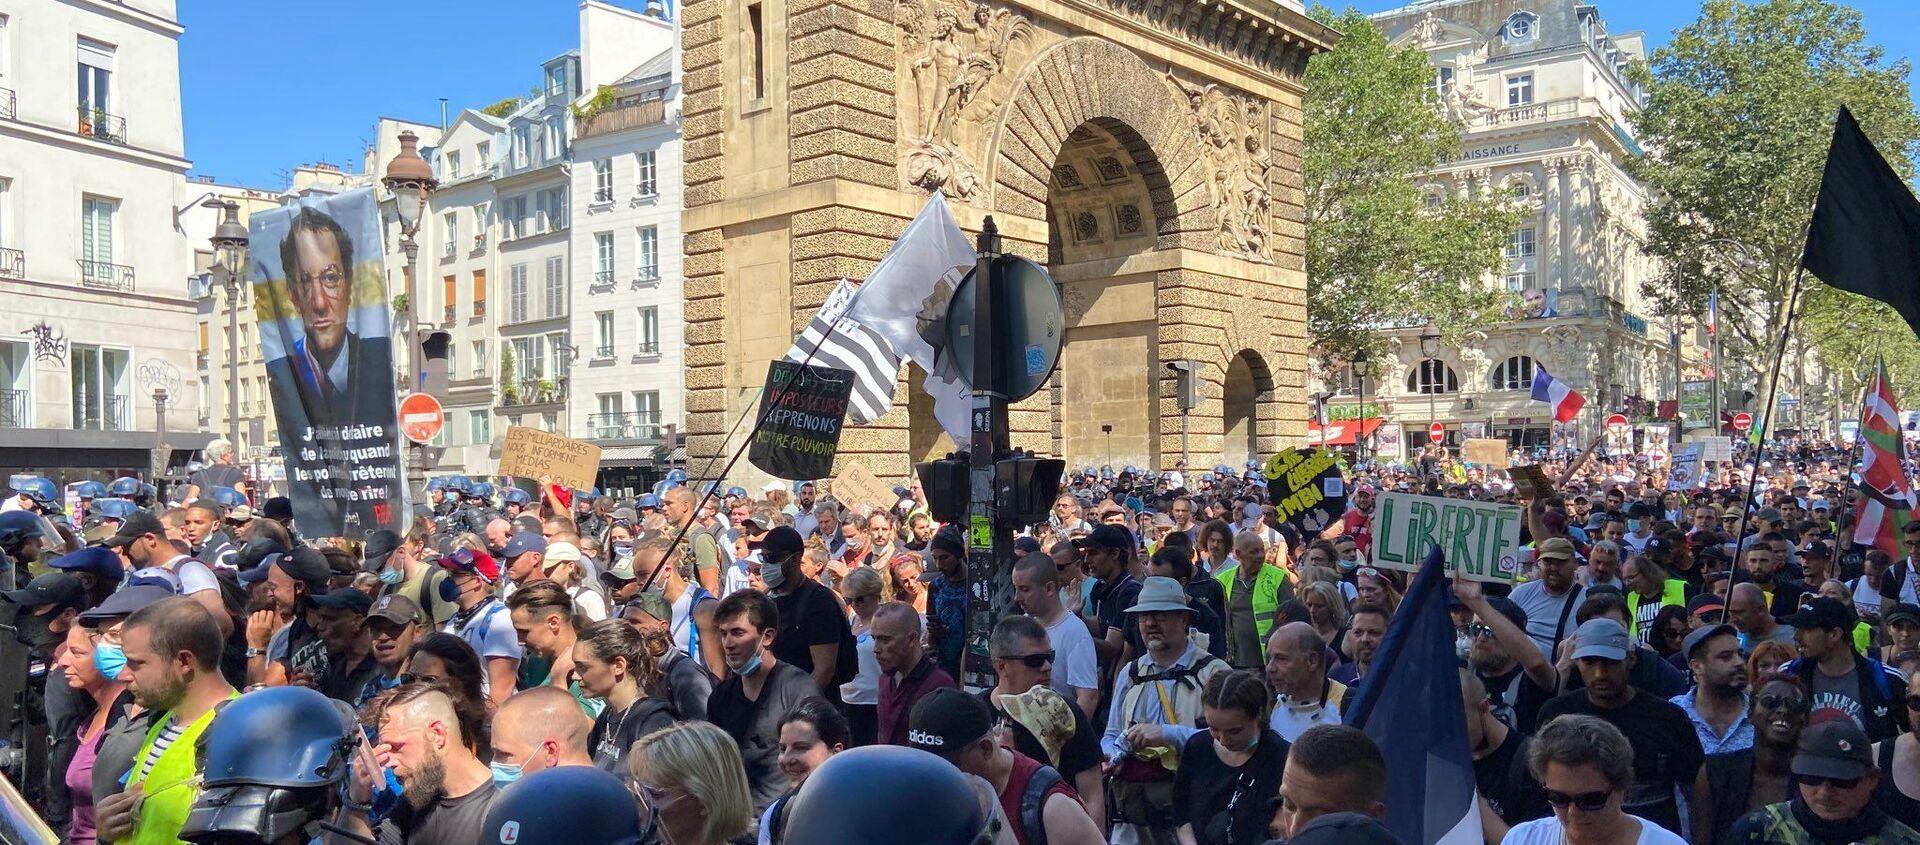 Manifestation contre le pass sanitaire à Paris, 14 août 2021 - Sputnik France, 1920